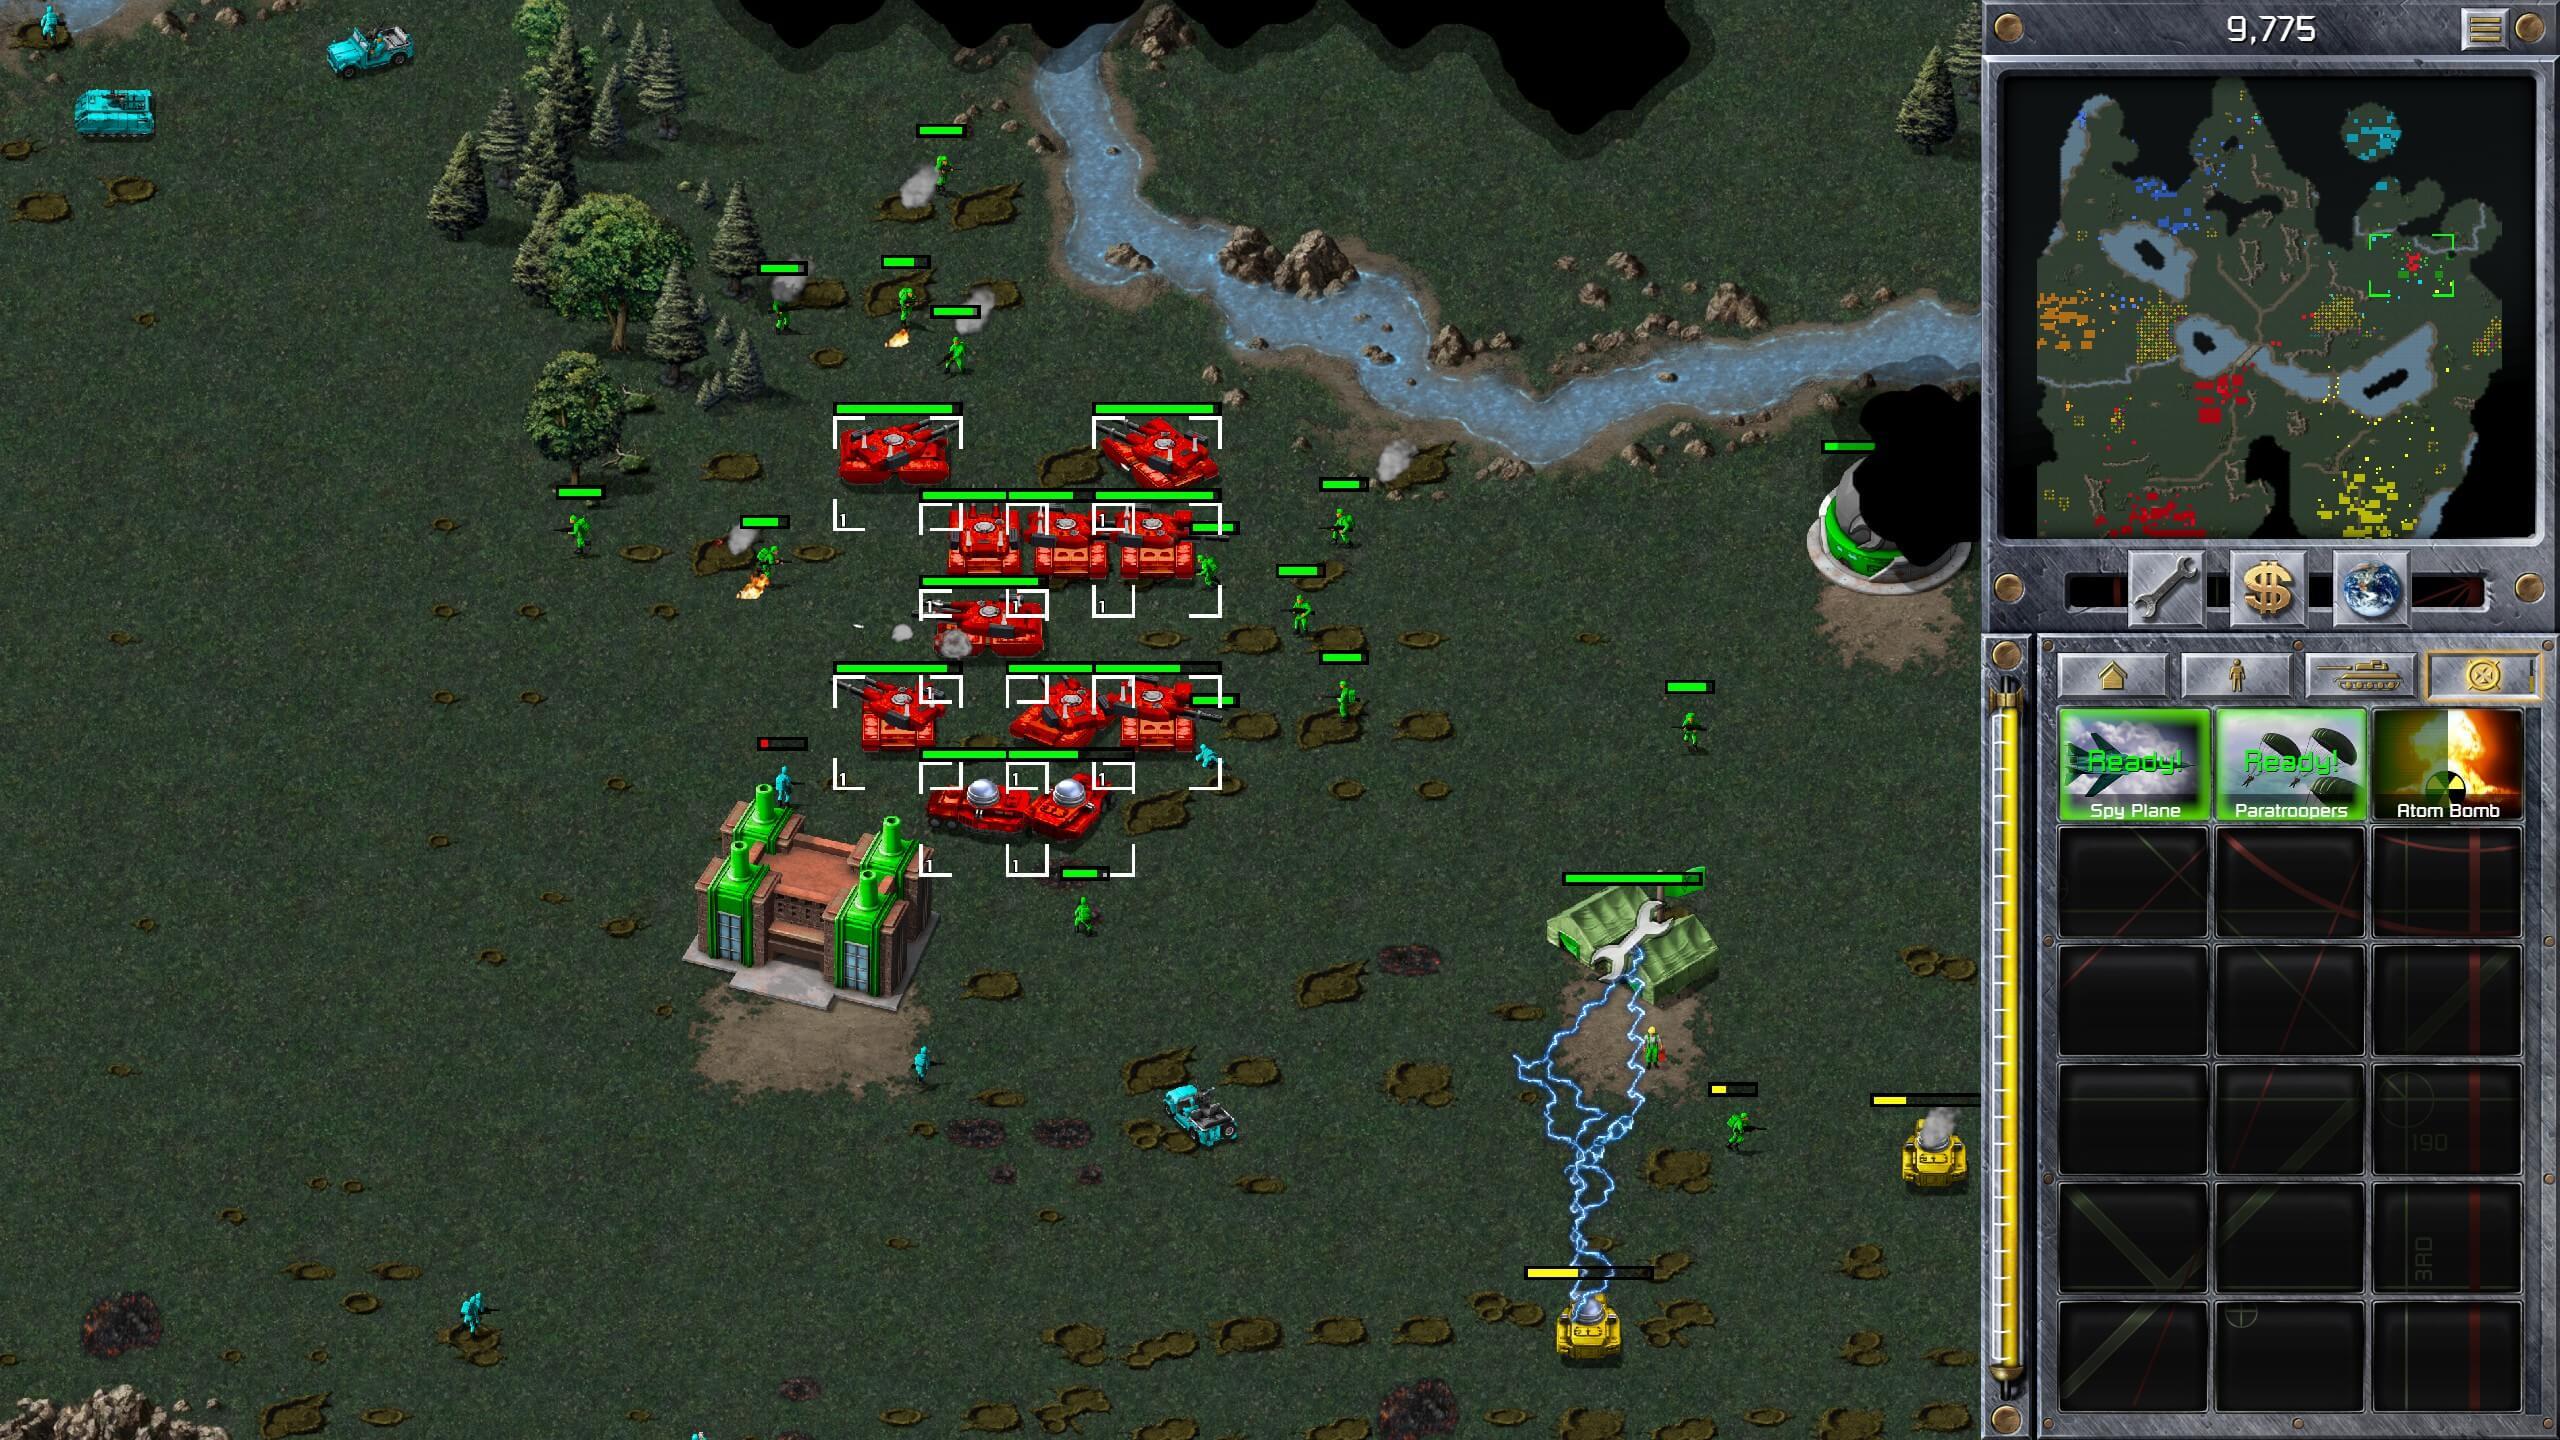 Zerstörung einer gegnerischen Basis in Command & Conquer Remastered